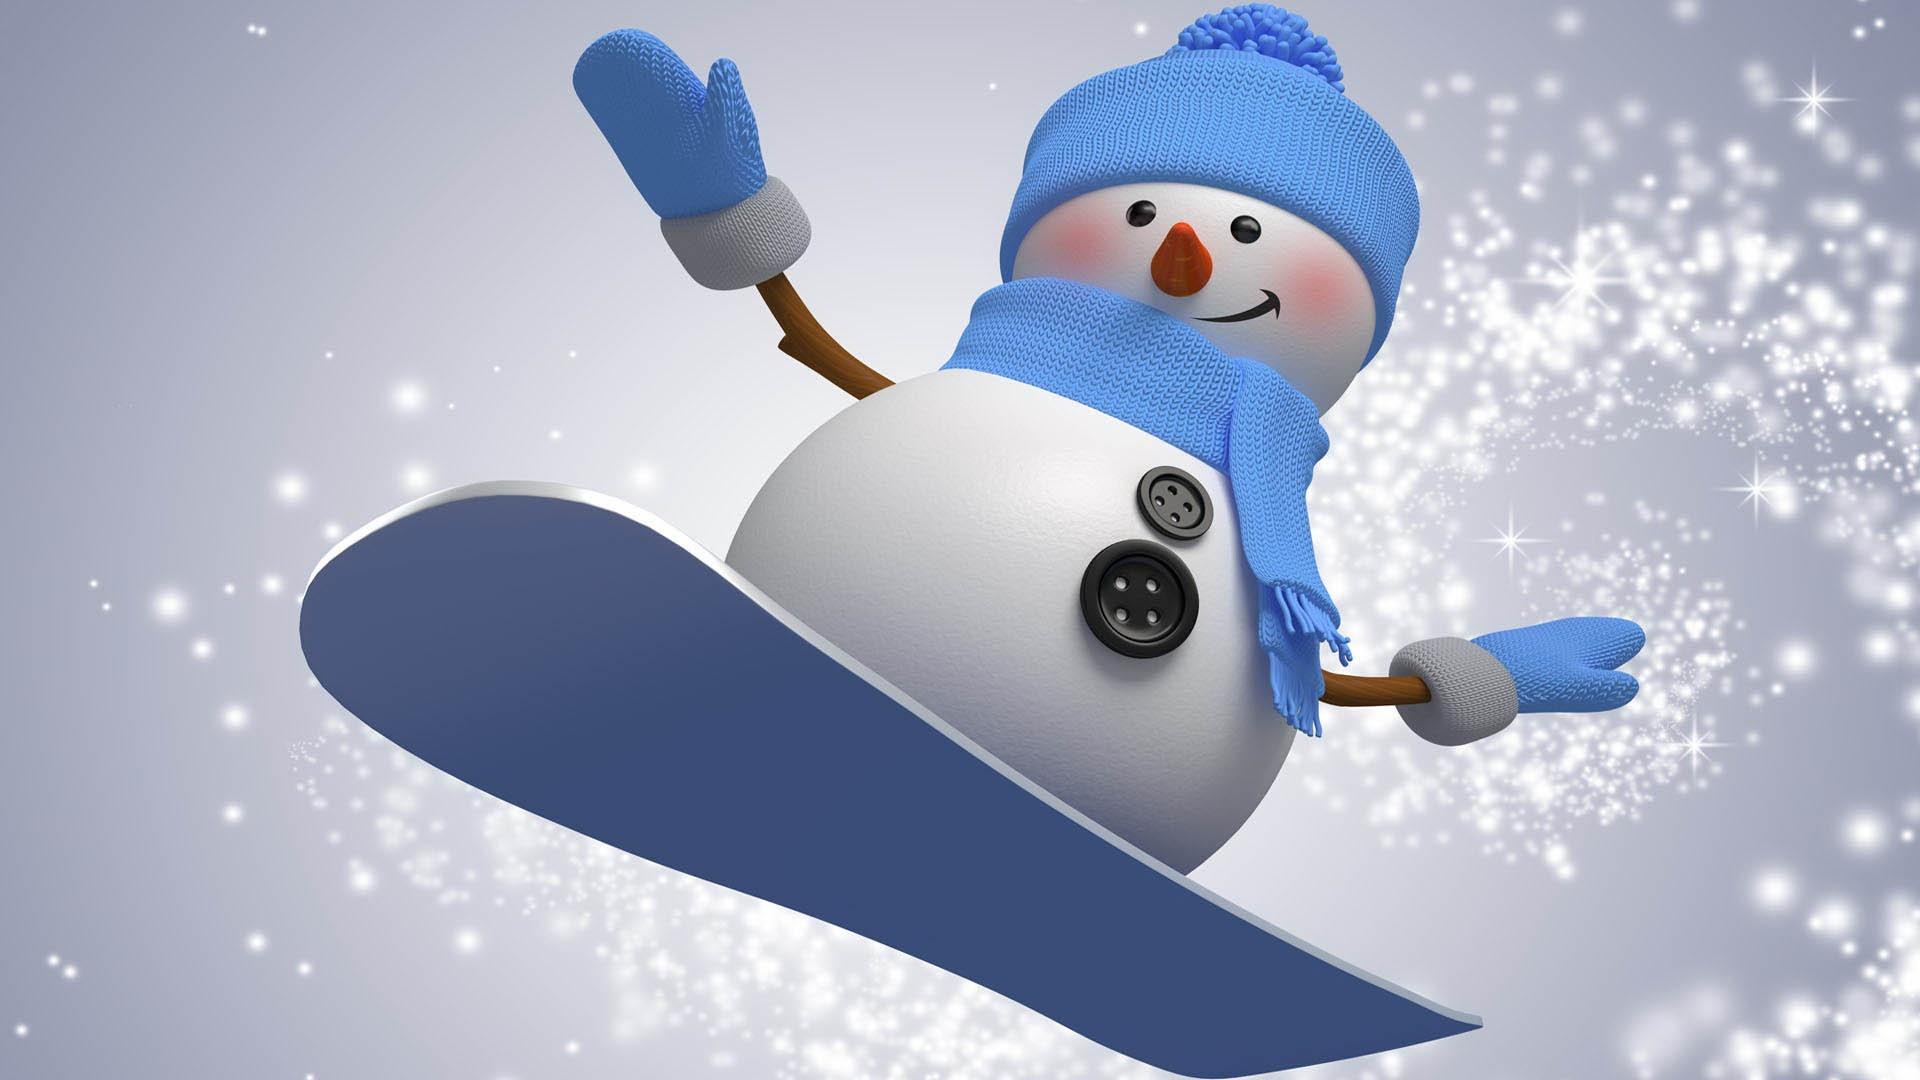 картинки на рабочий стол веселые зима проста понятна, задачей